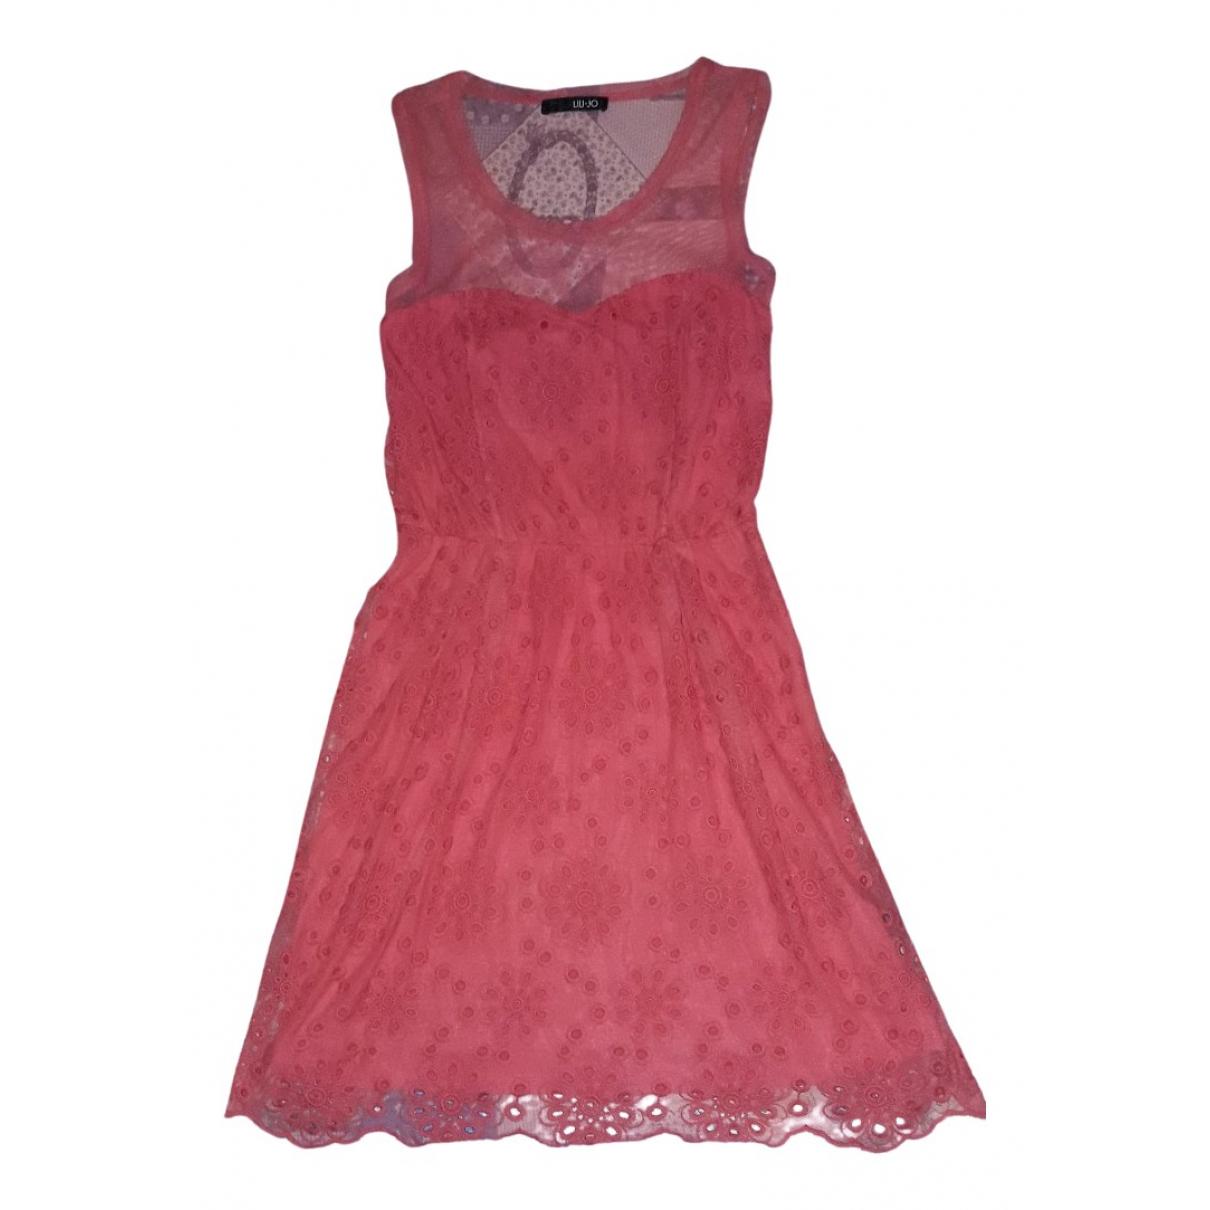 Liu.jo \N Kleid in Baumwolle